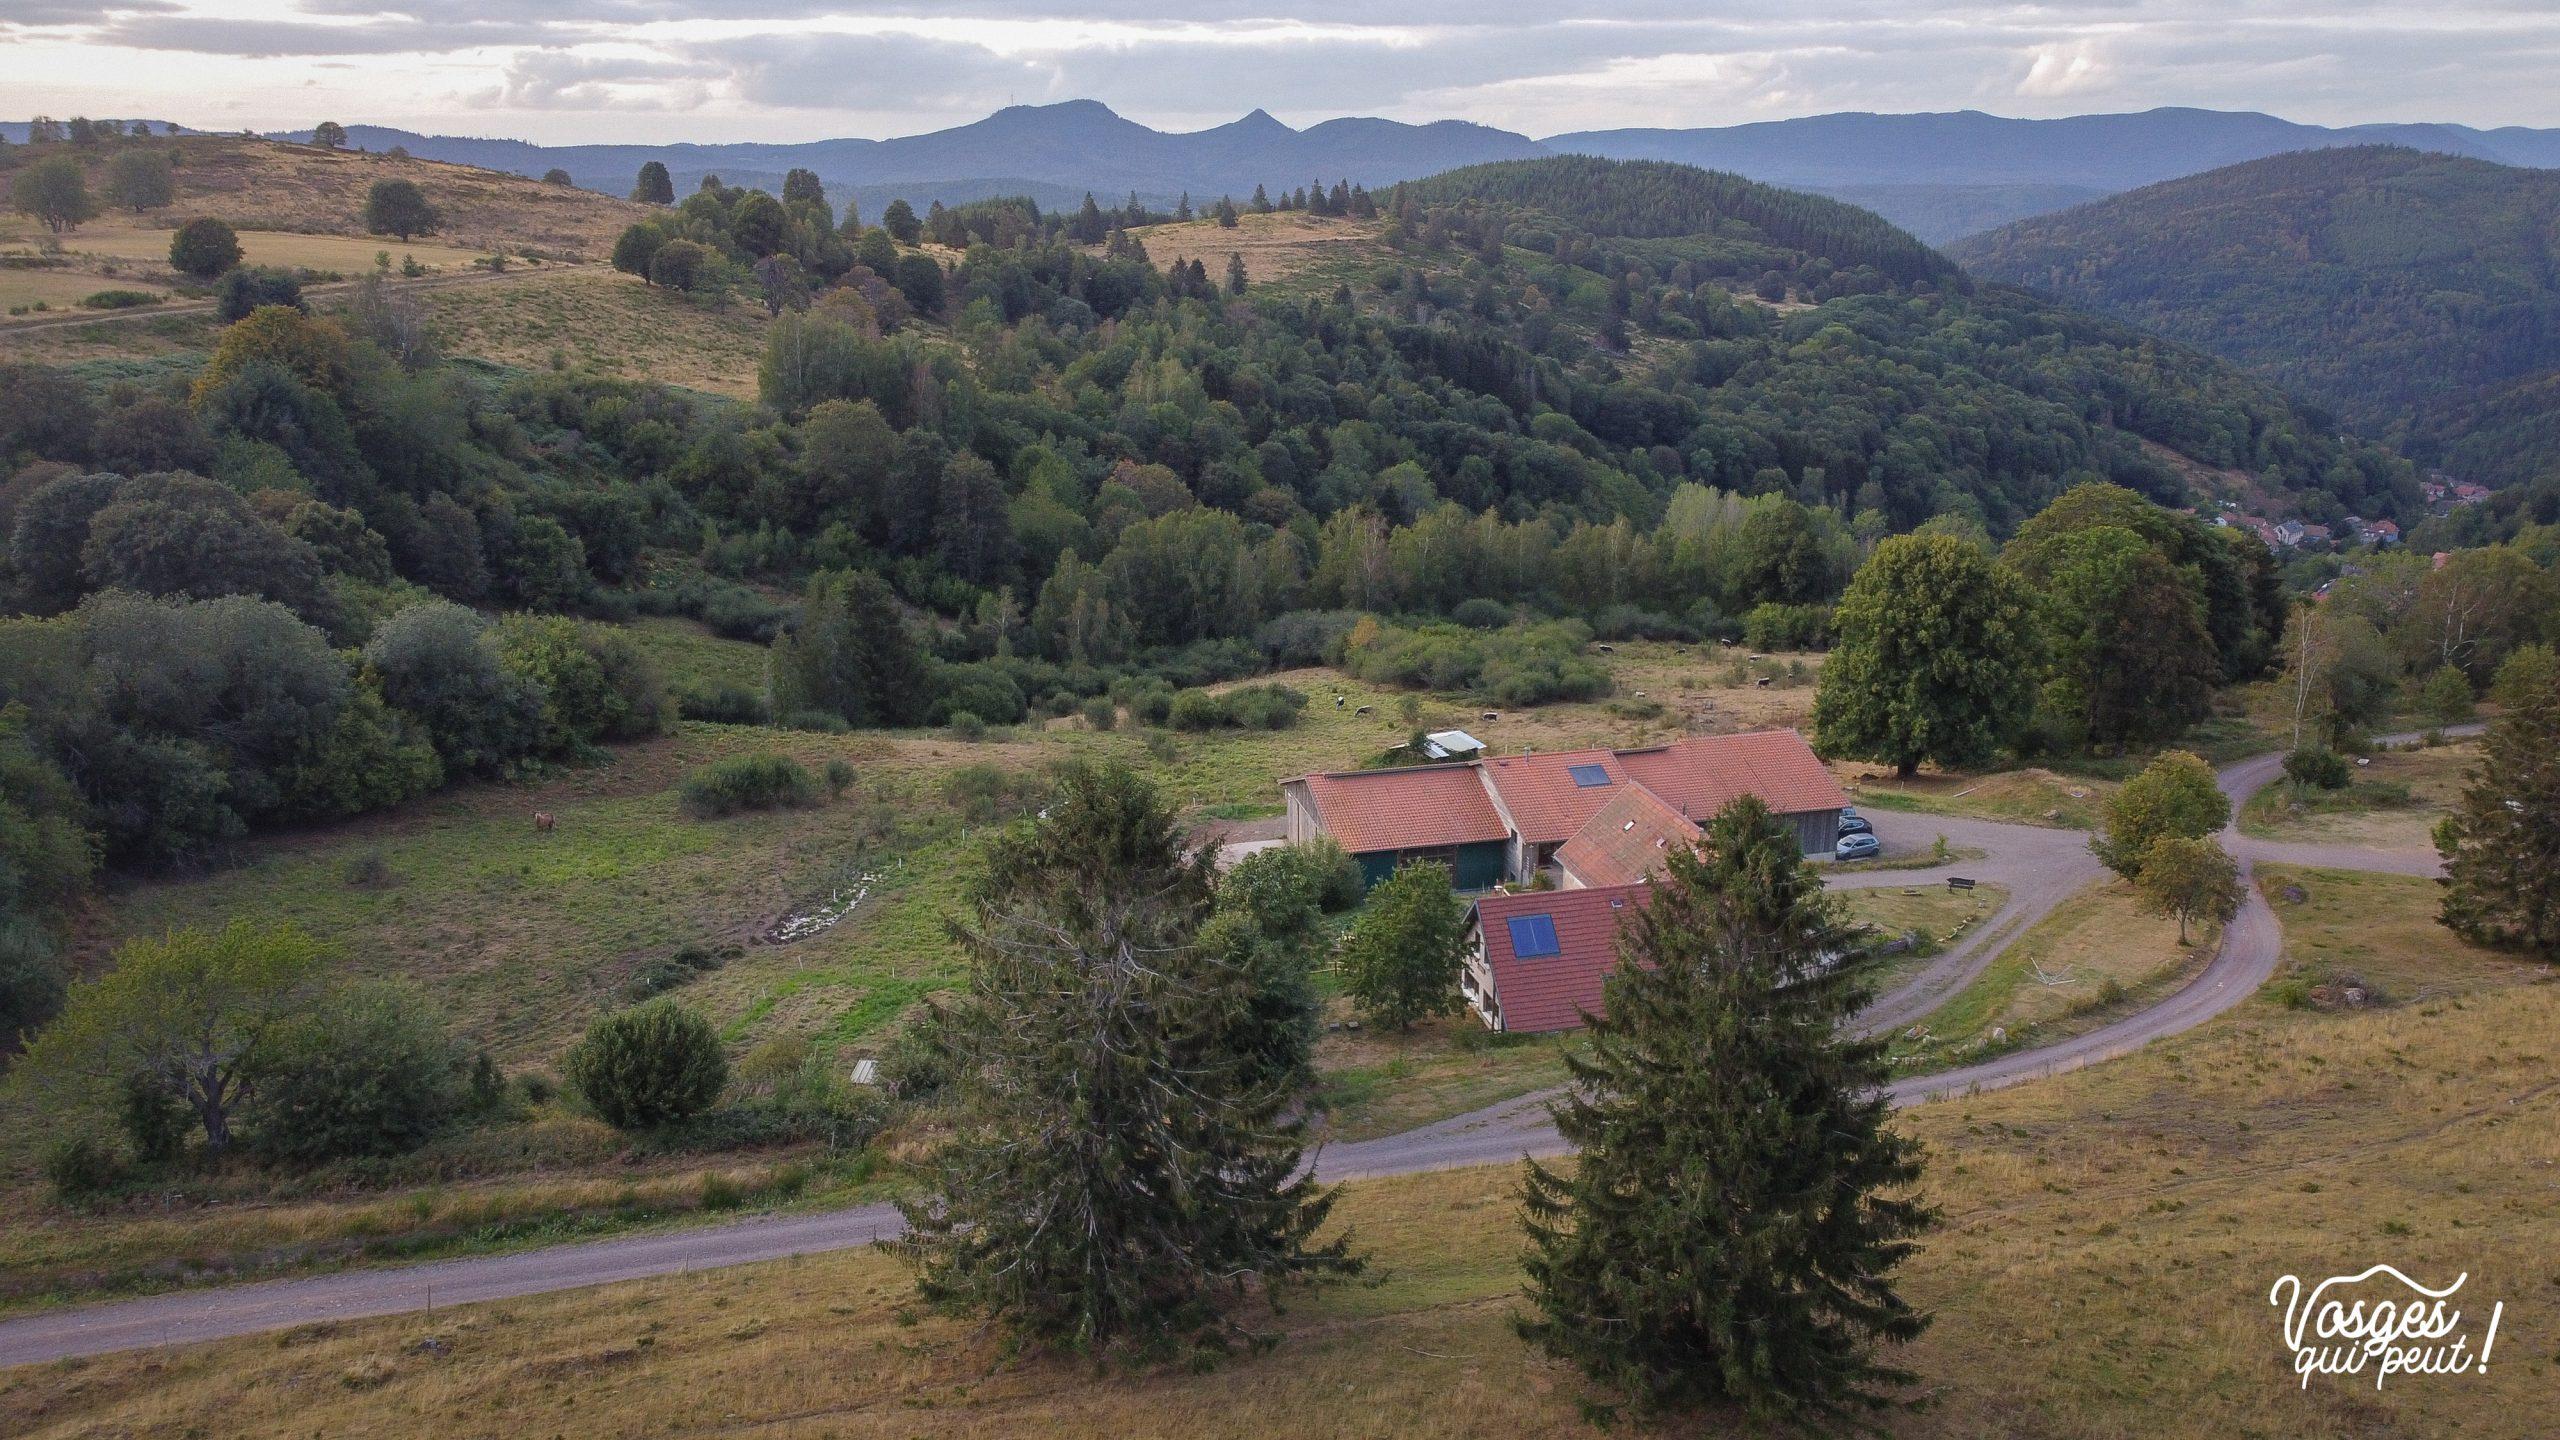 Vue aérienne sur la ferme-auberge de la Perheux dans la vallée de la Bruche